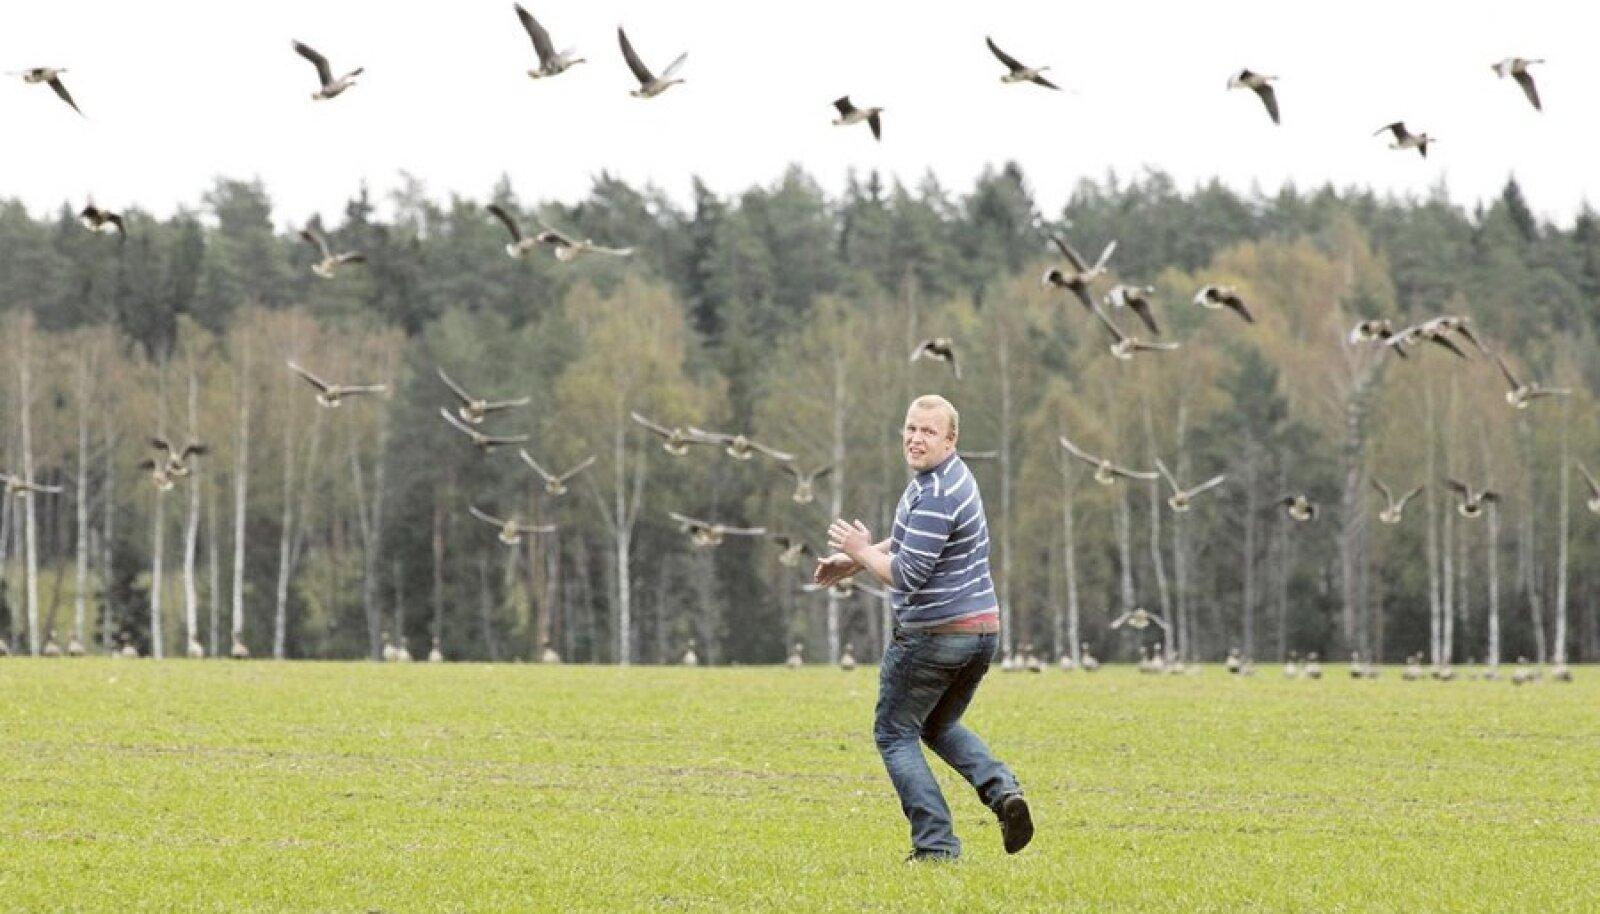 Tartumaa talumehe Juhan Ojamaa meelest võiksid haned oma söömaorgiaid pidada mujal kui tema põllul. Lindude minemaajamise teeks lihtsamaks õigus neid küttida.